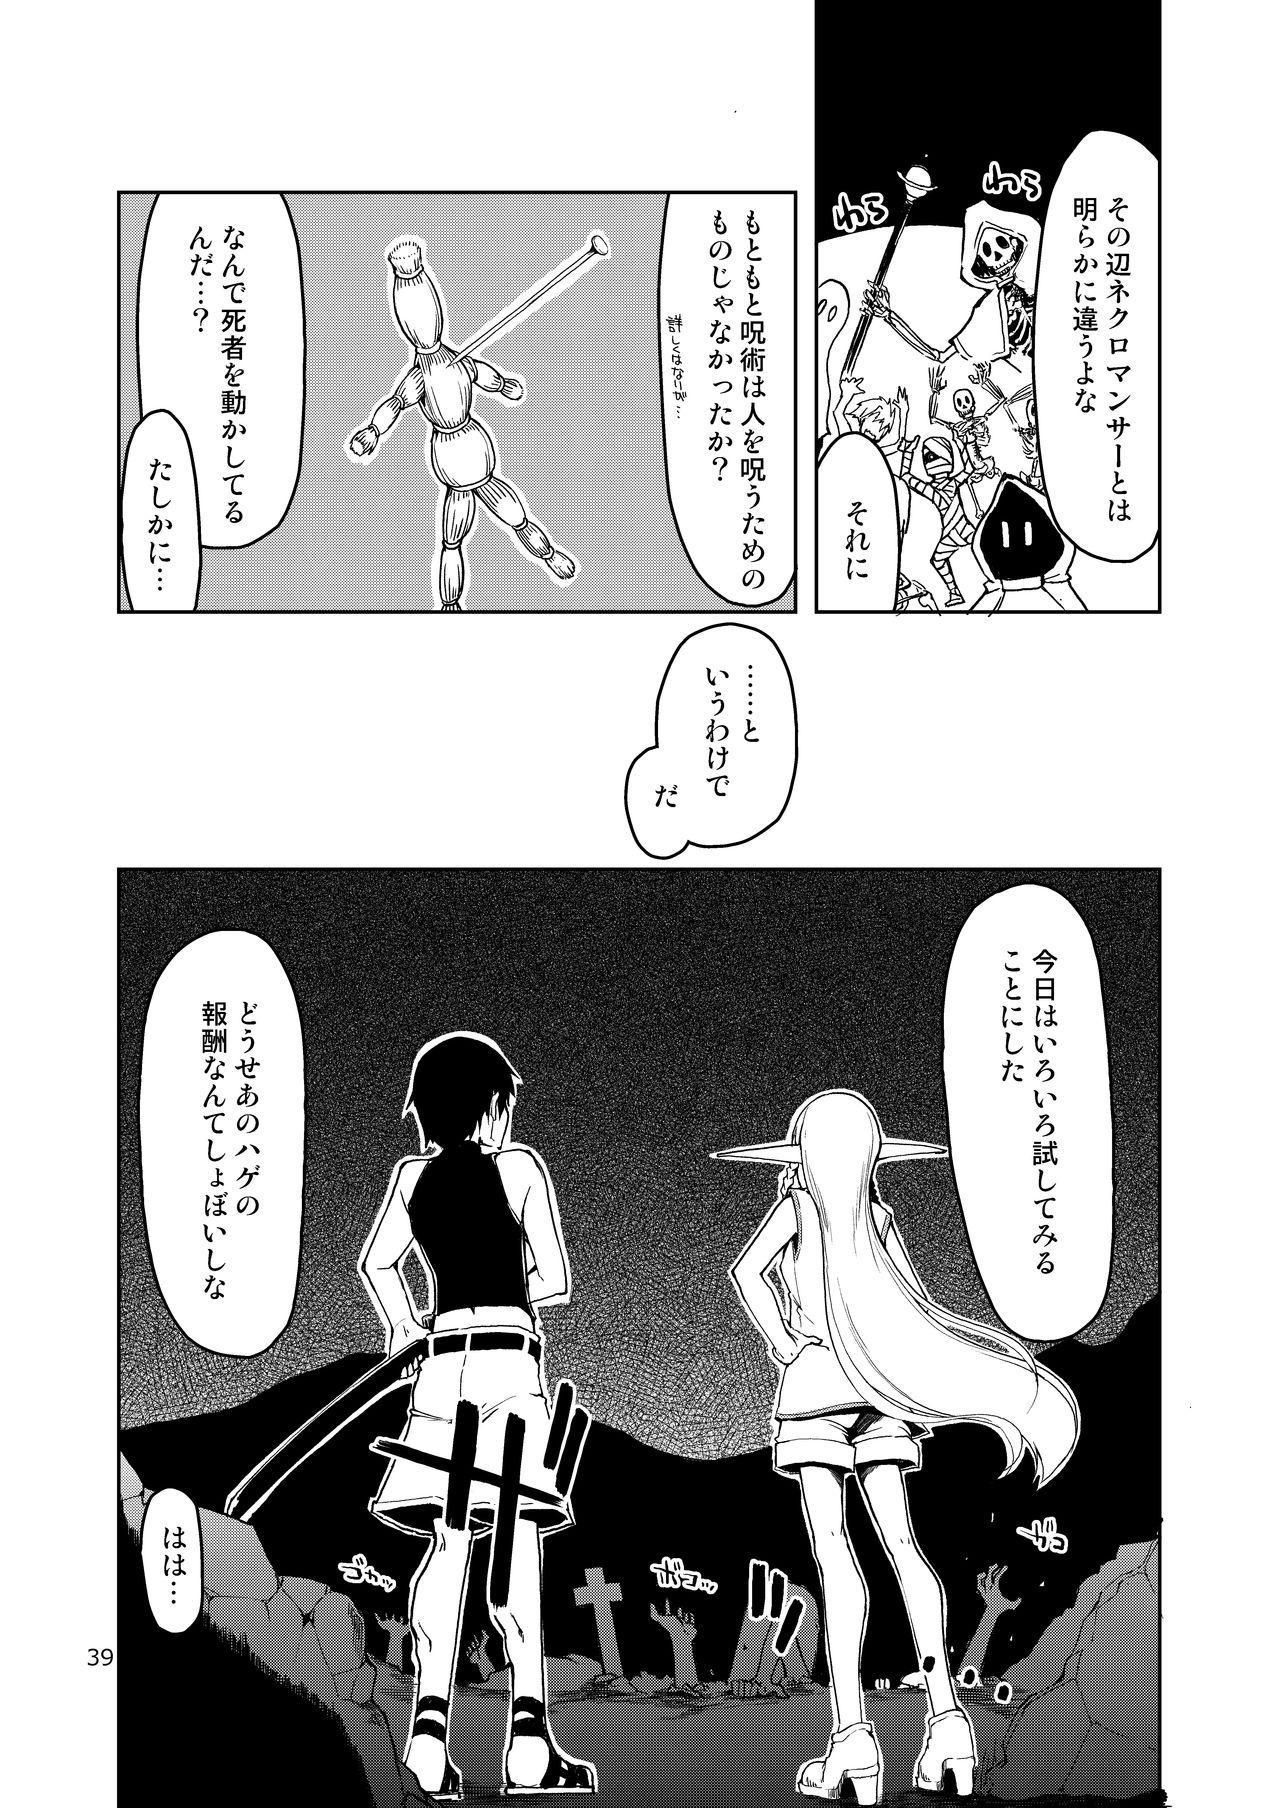 Dosukebe Elf no Ishukan Nikki Matome 2 39